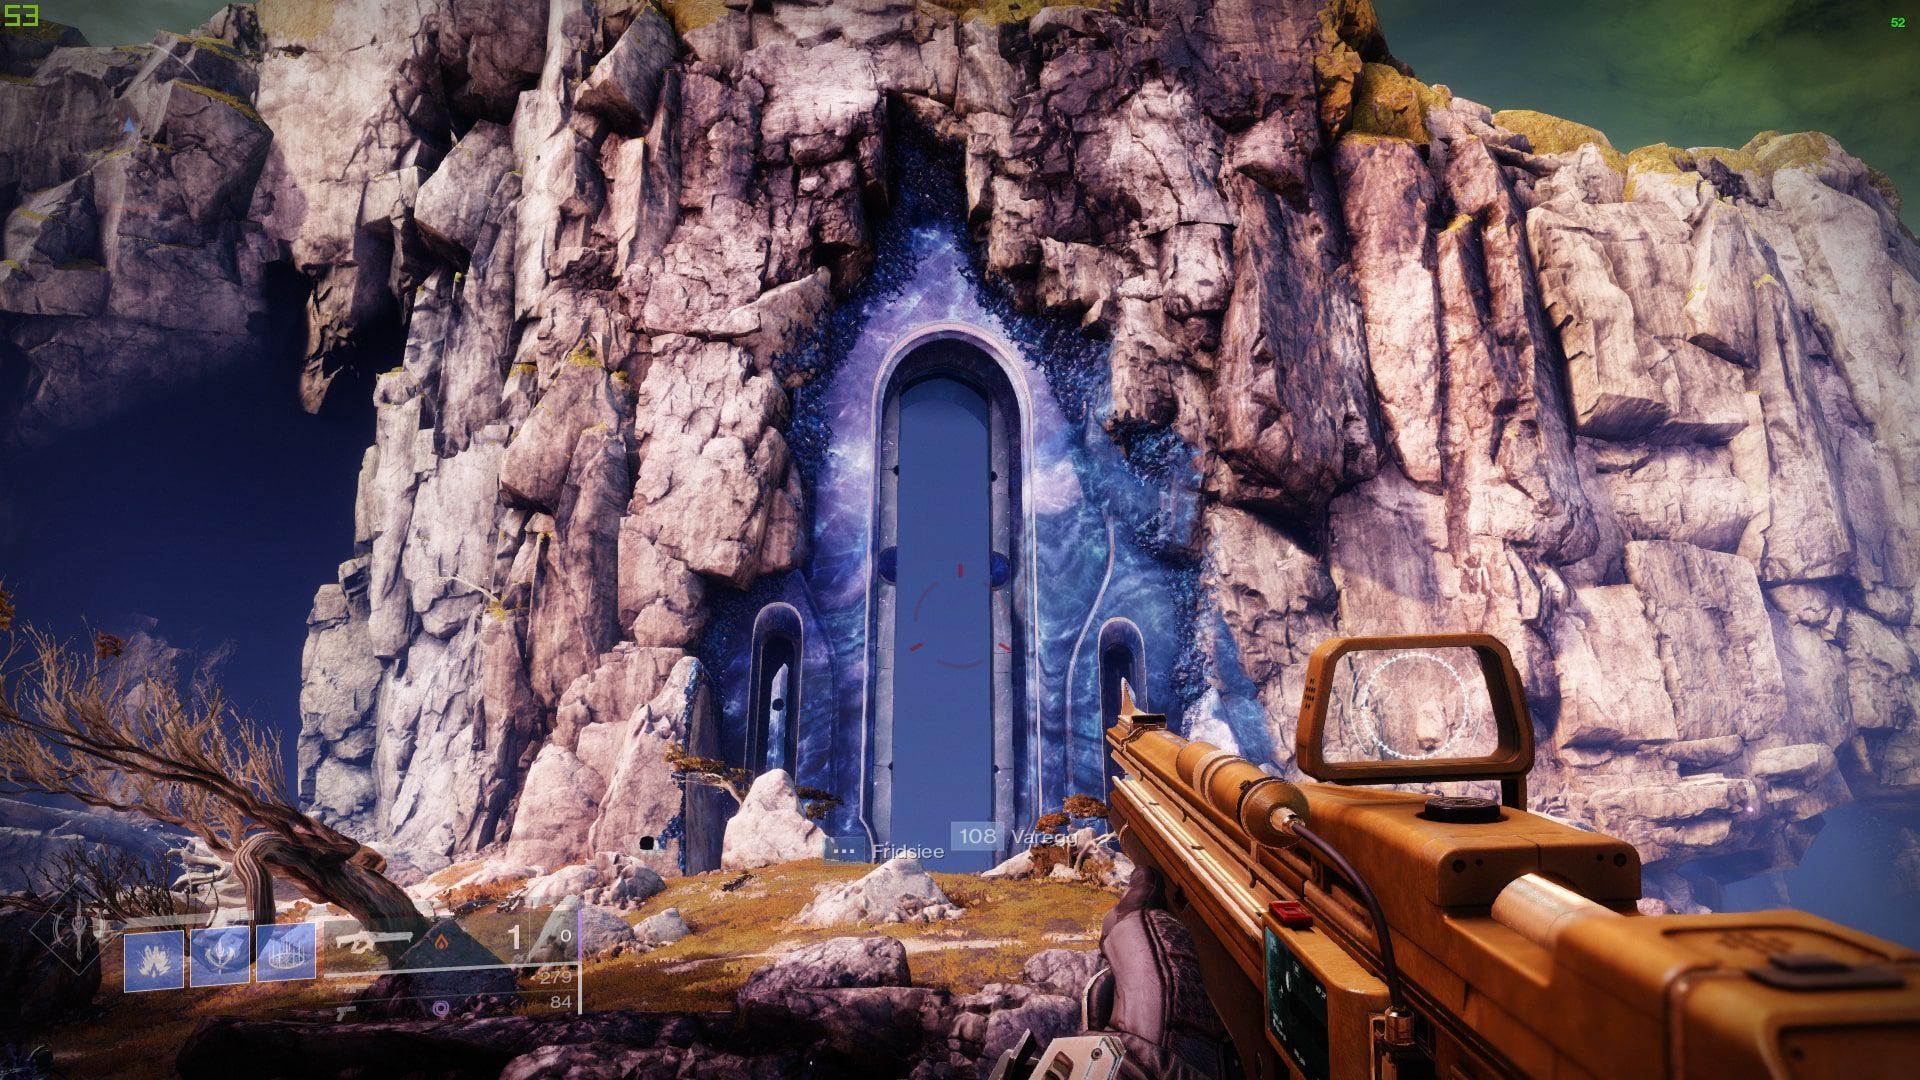 """Guía Destiny 2: Cómo conseguir """"Halcón de Luna"""" - El legendario cañón de mano de Destiny 1, Halcón de Luna, vuelve con la última actualización de esta primera temporada de Más Allá de la Luz."""